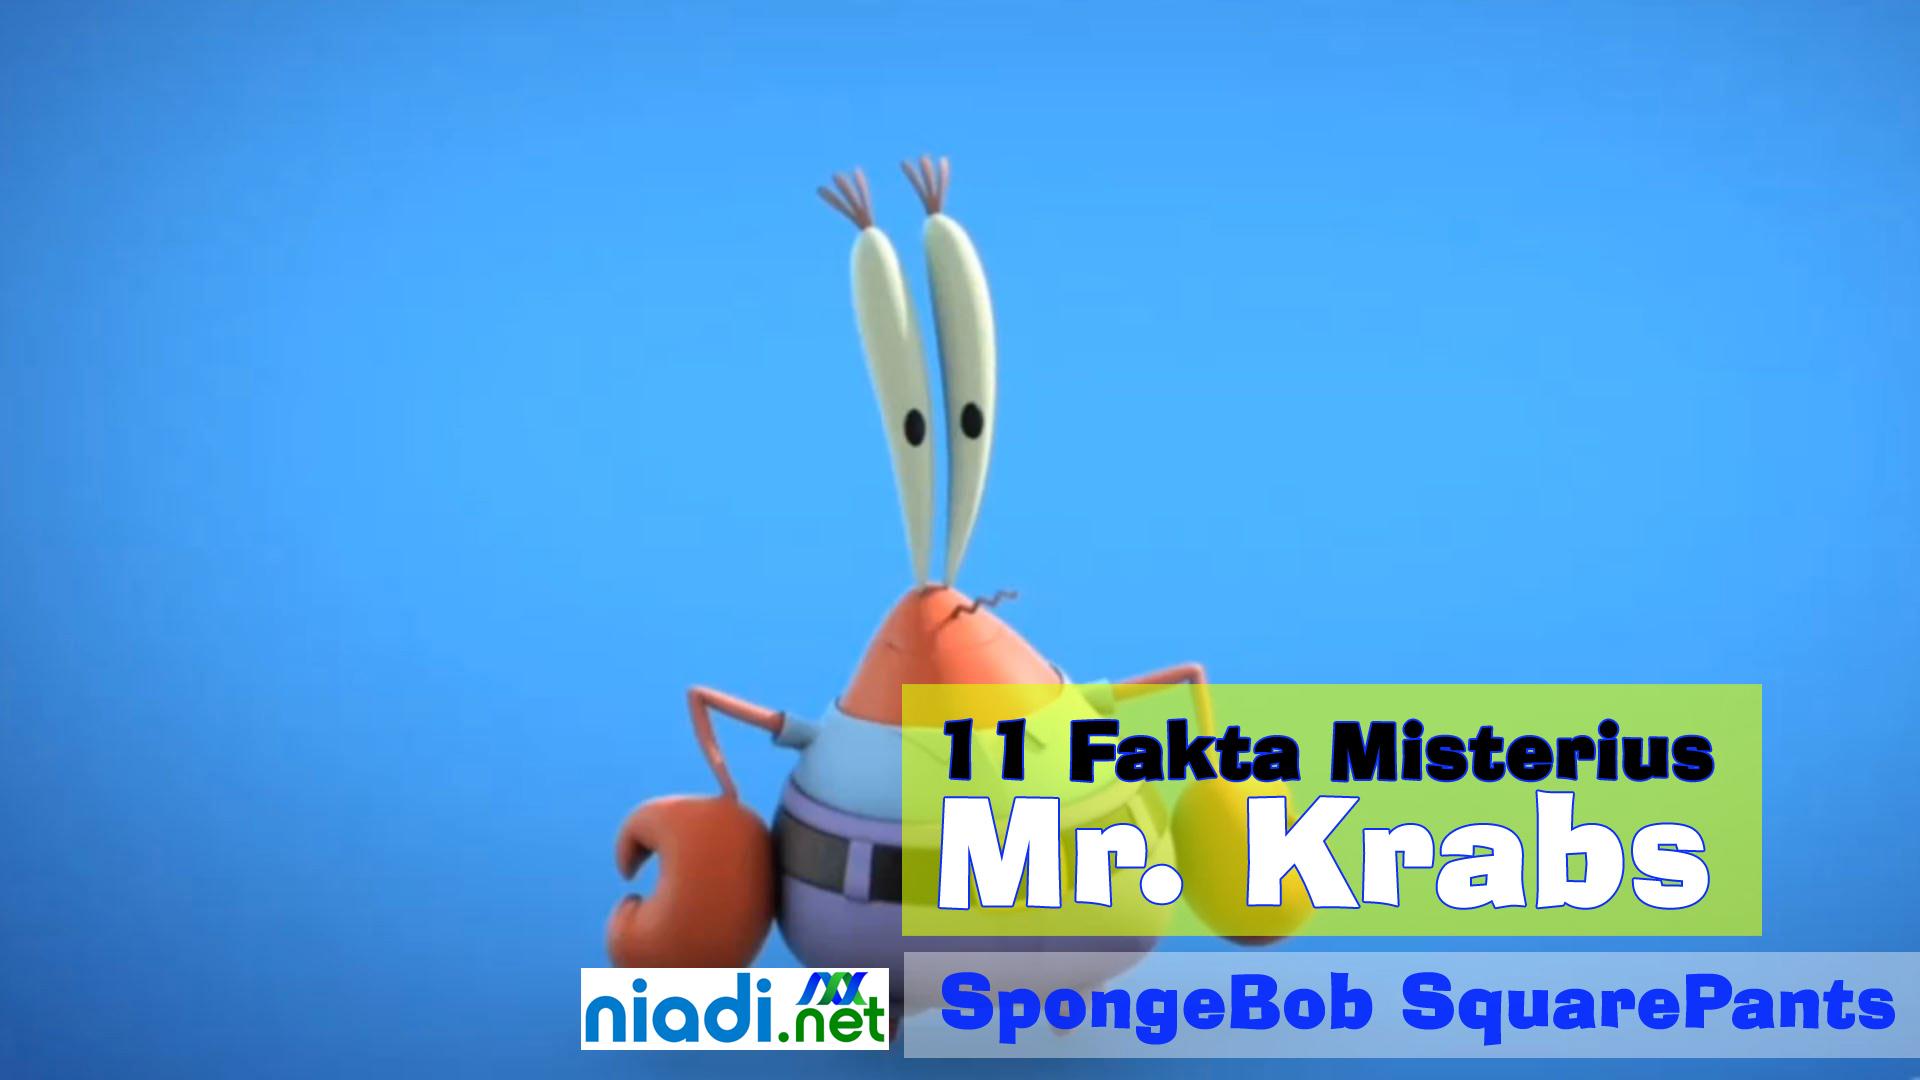 Mengungkap 11 Fakta Misterius tentang Mr. Krabs, Sang Kepiting Beranak Paus!